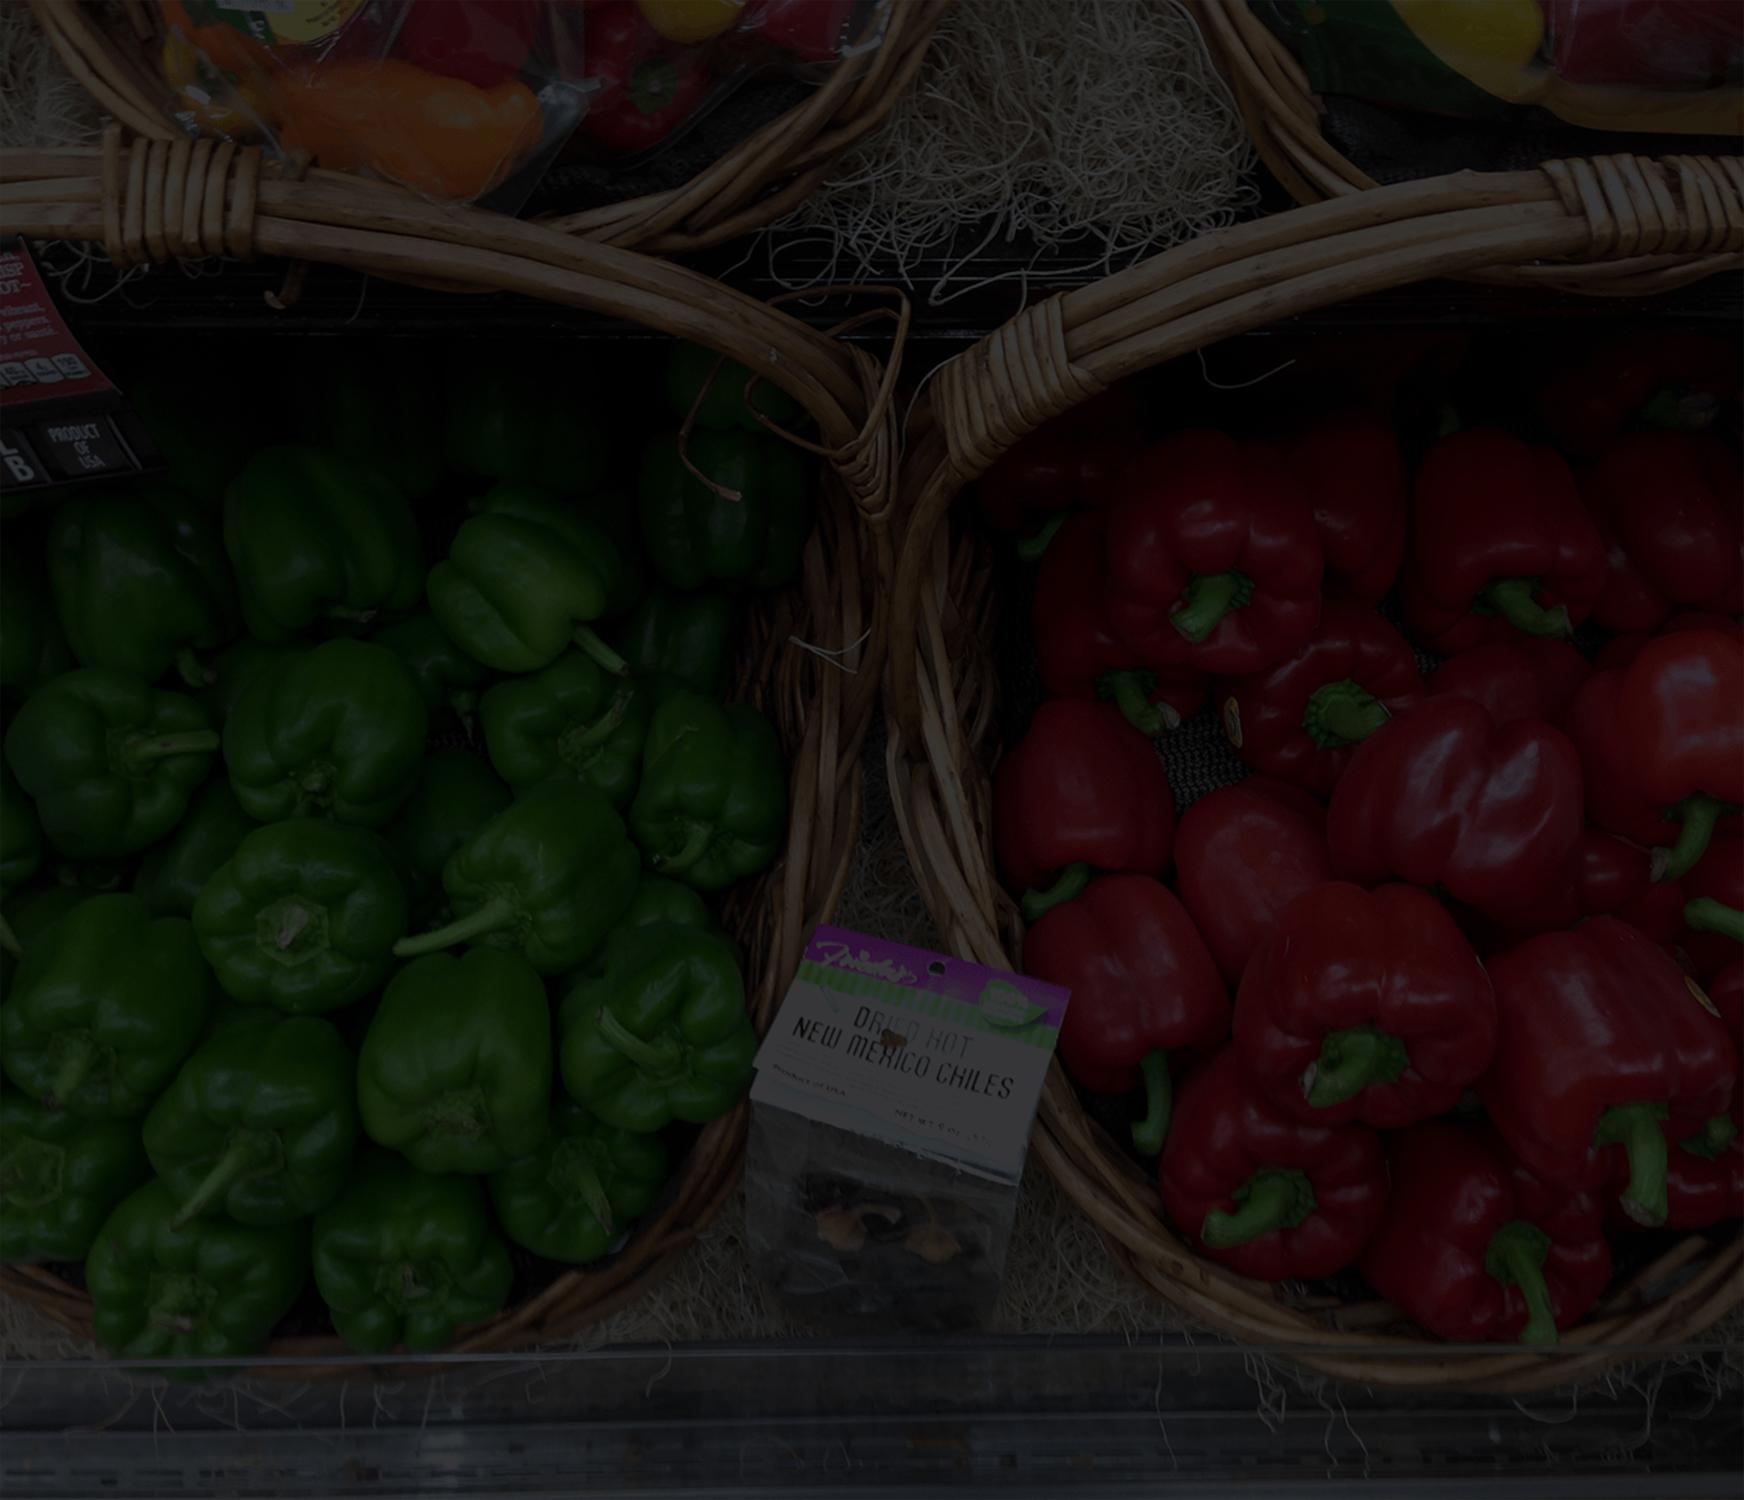 Gristedes Supermarkets Official Website